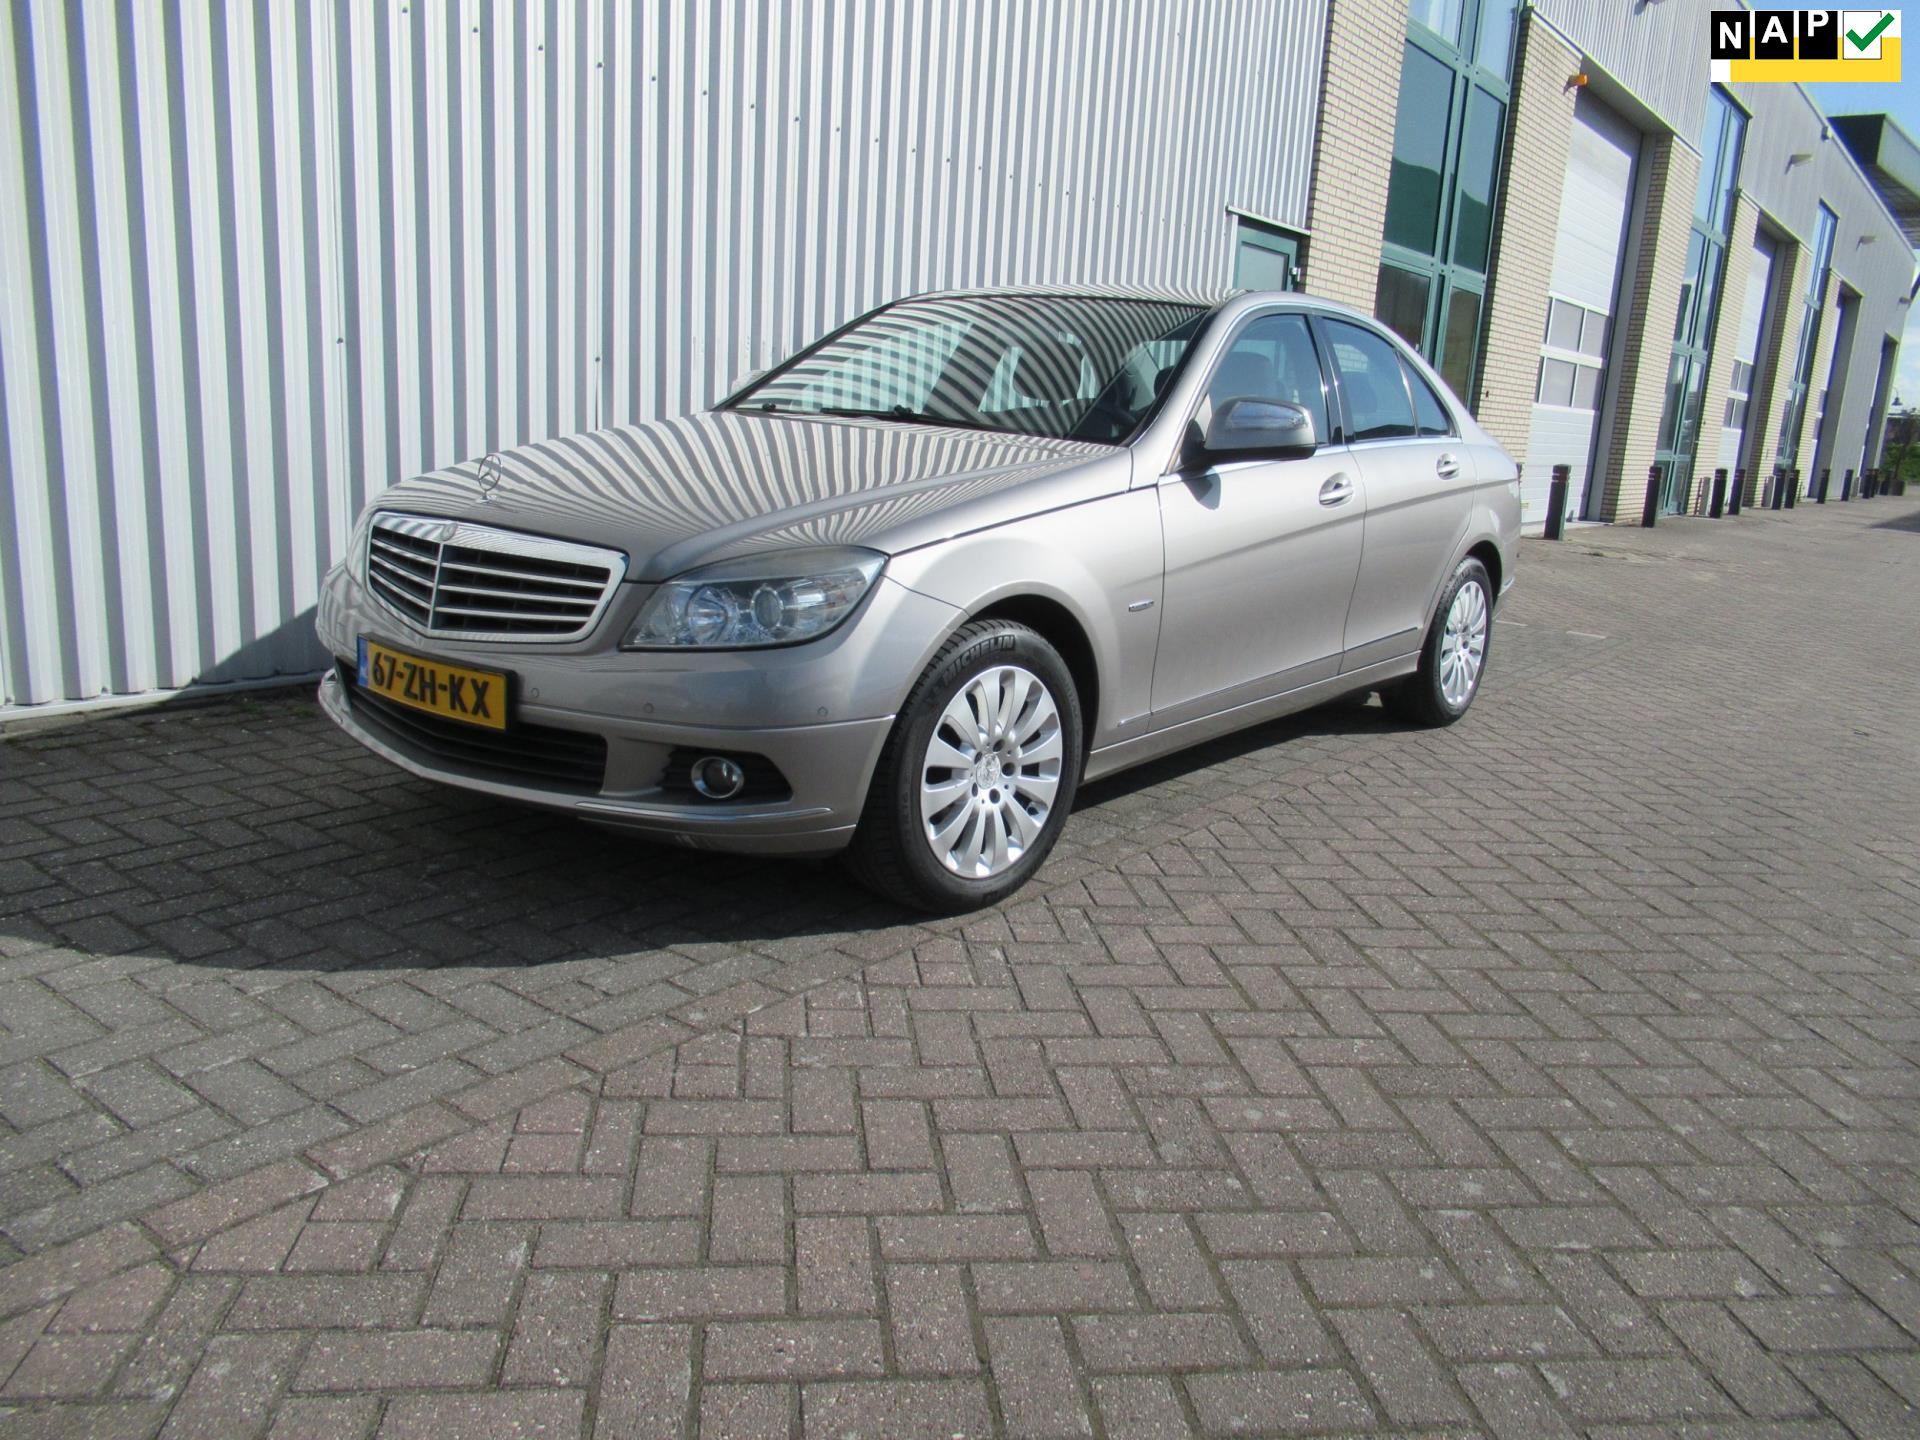 Mercedes-Benz C-klasse occasion - Autobedrijf Maasdijk